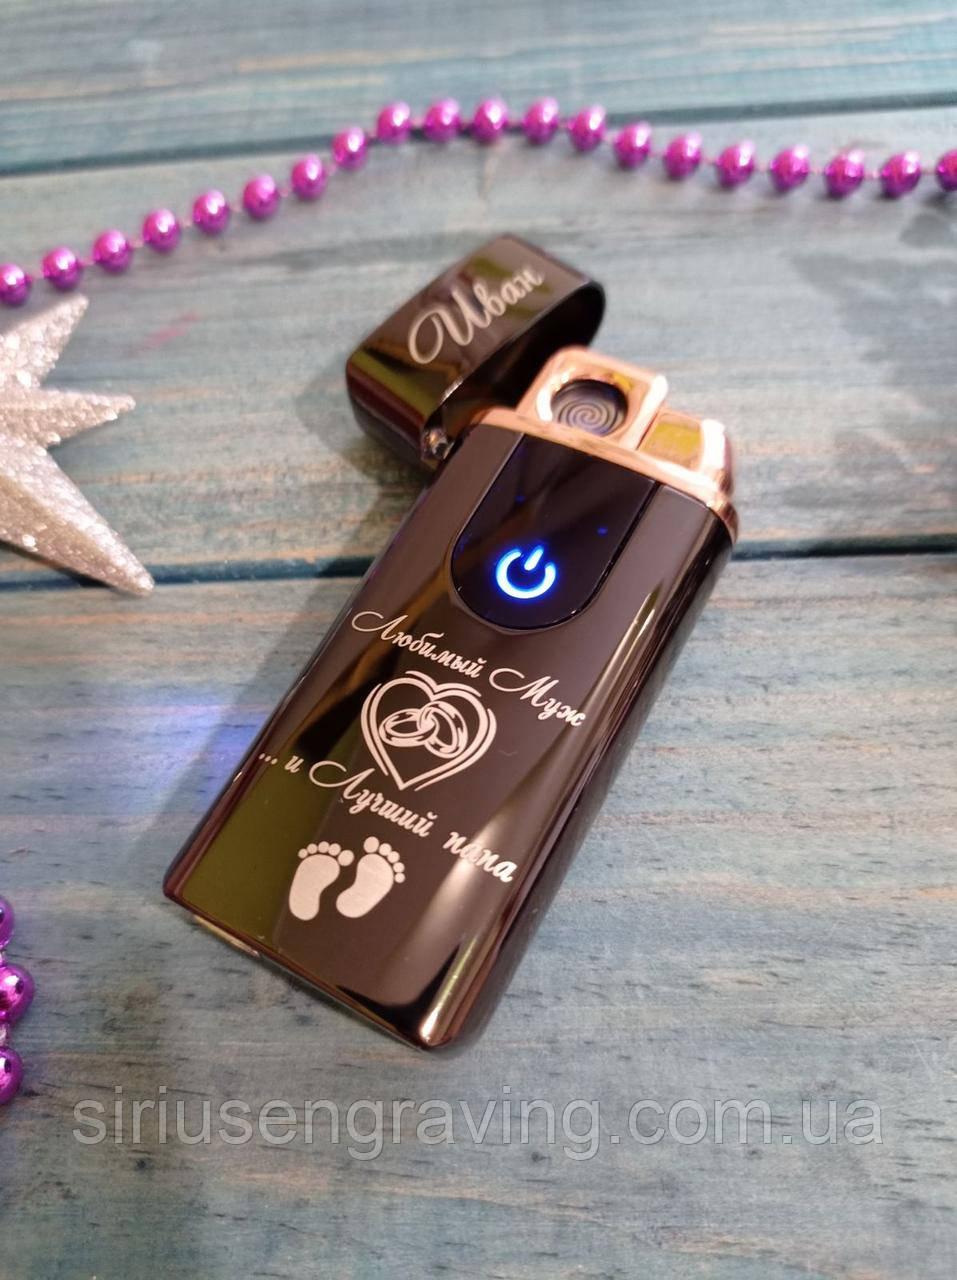 Подарочная USB - зажигалка  на два режима с вашей гравировкой!